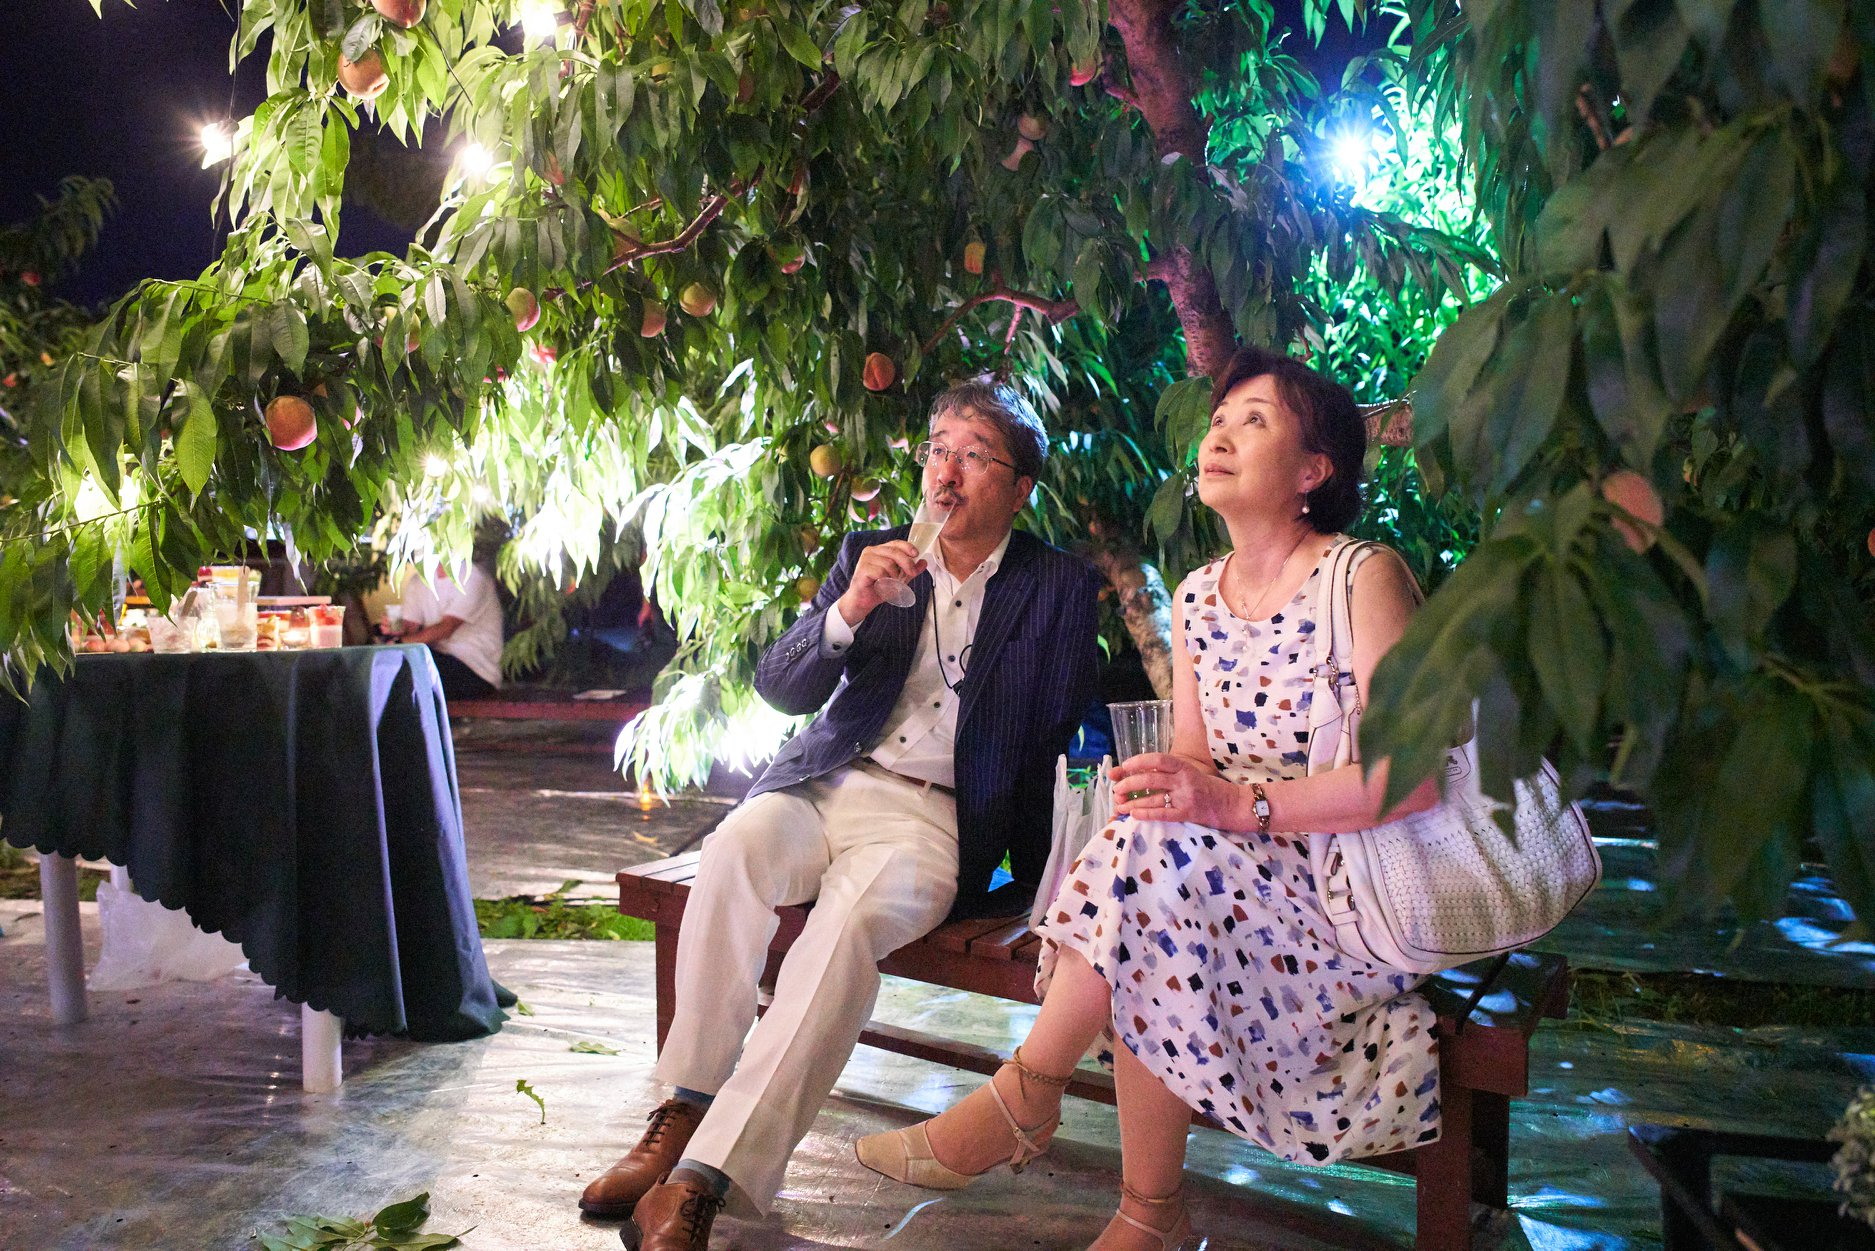 「夜の果樹園2020桃」8月26日(水)〜29日(土)参加者募集中